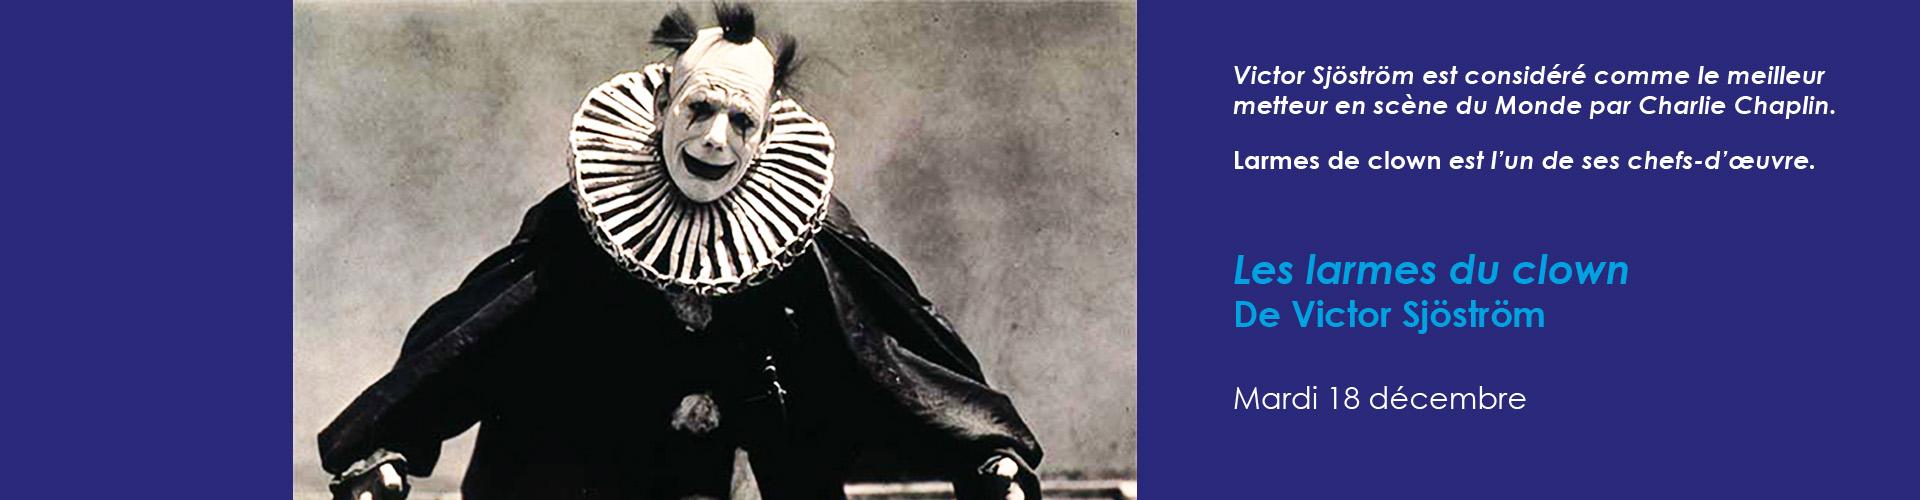 Les-larmes-du-clown-4